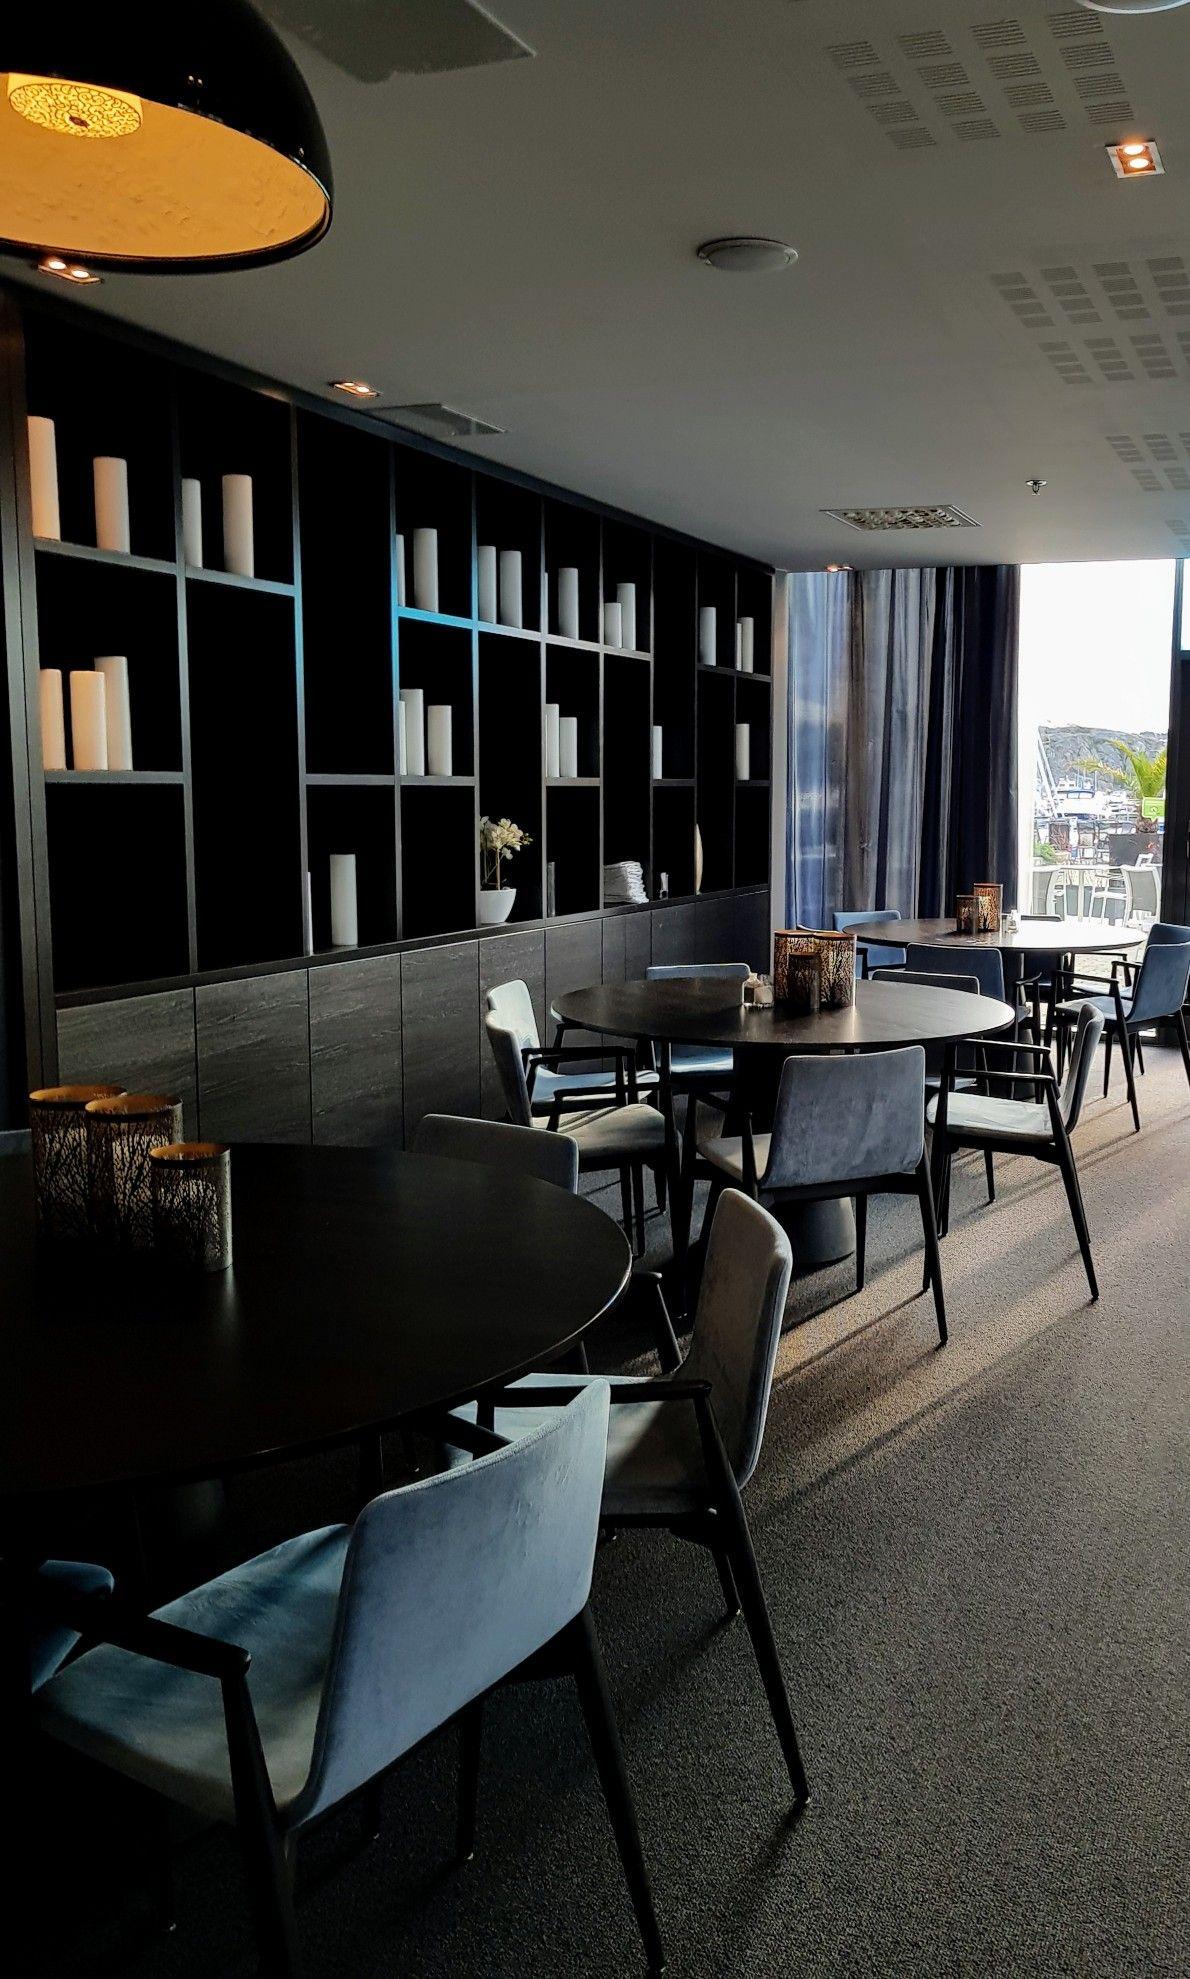 Part of the restaurang att Strömstad Spa hotel Sweden